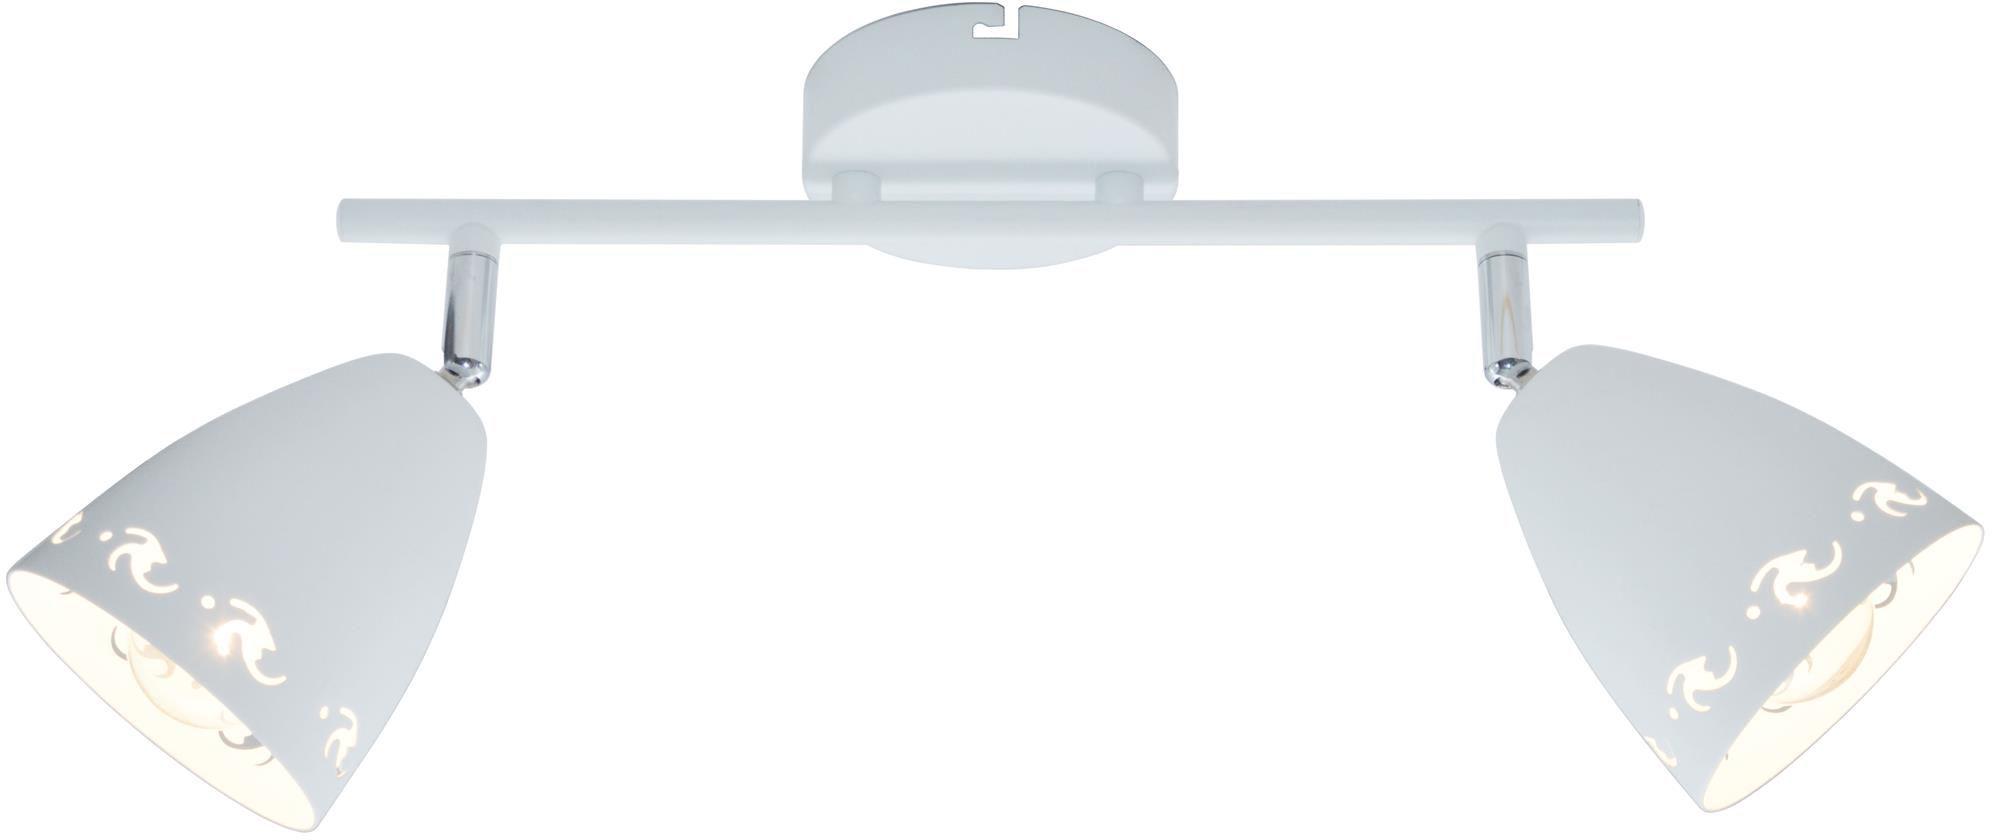 Candellux COTY 92-67128 oprawa oświetleniowa spot 2X40W E14 biały mat metalowy klosz 50cm